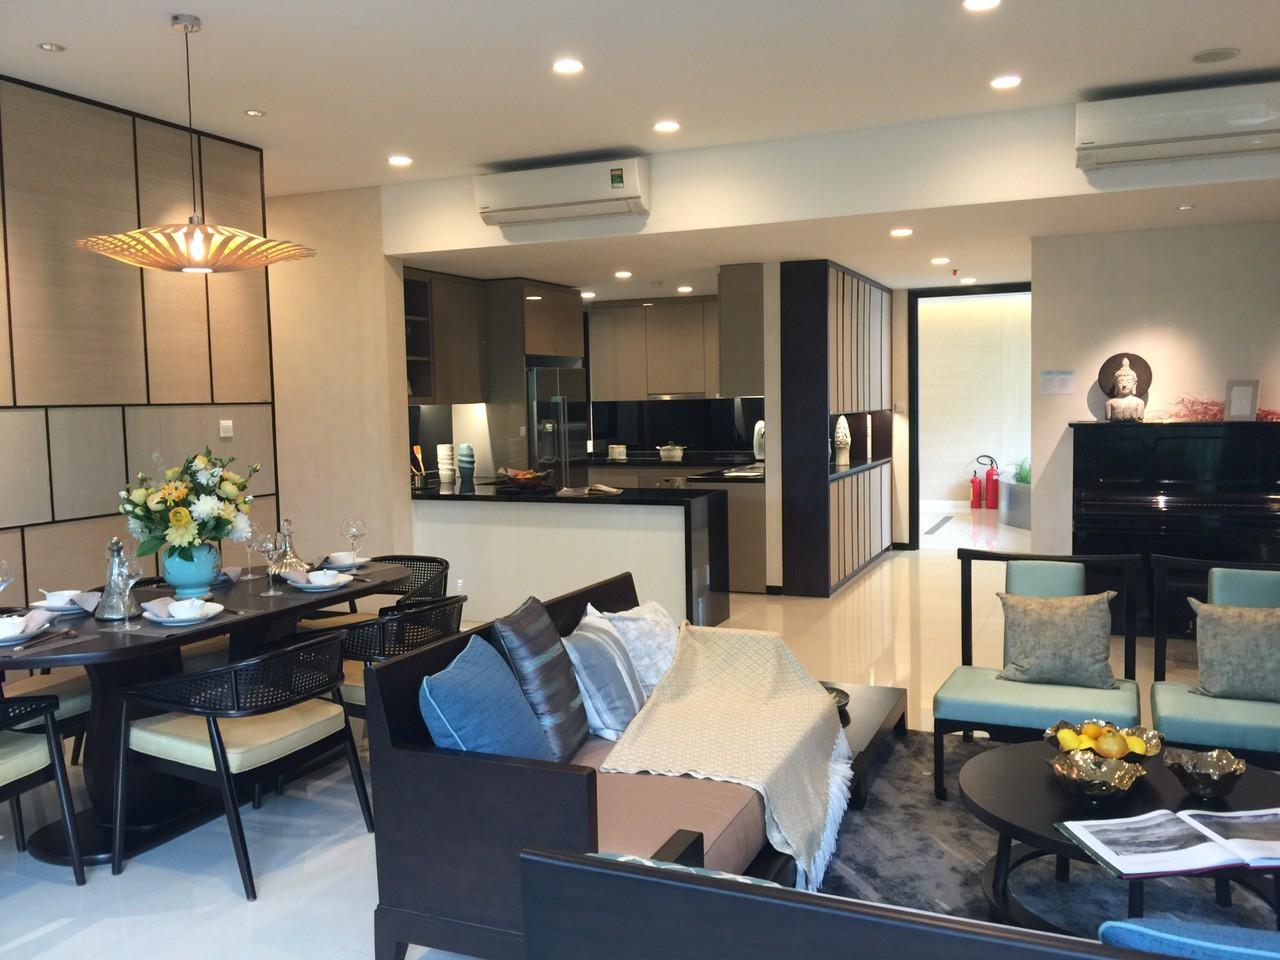 phong-khach-kenton-residence